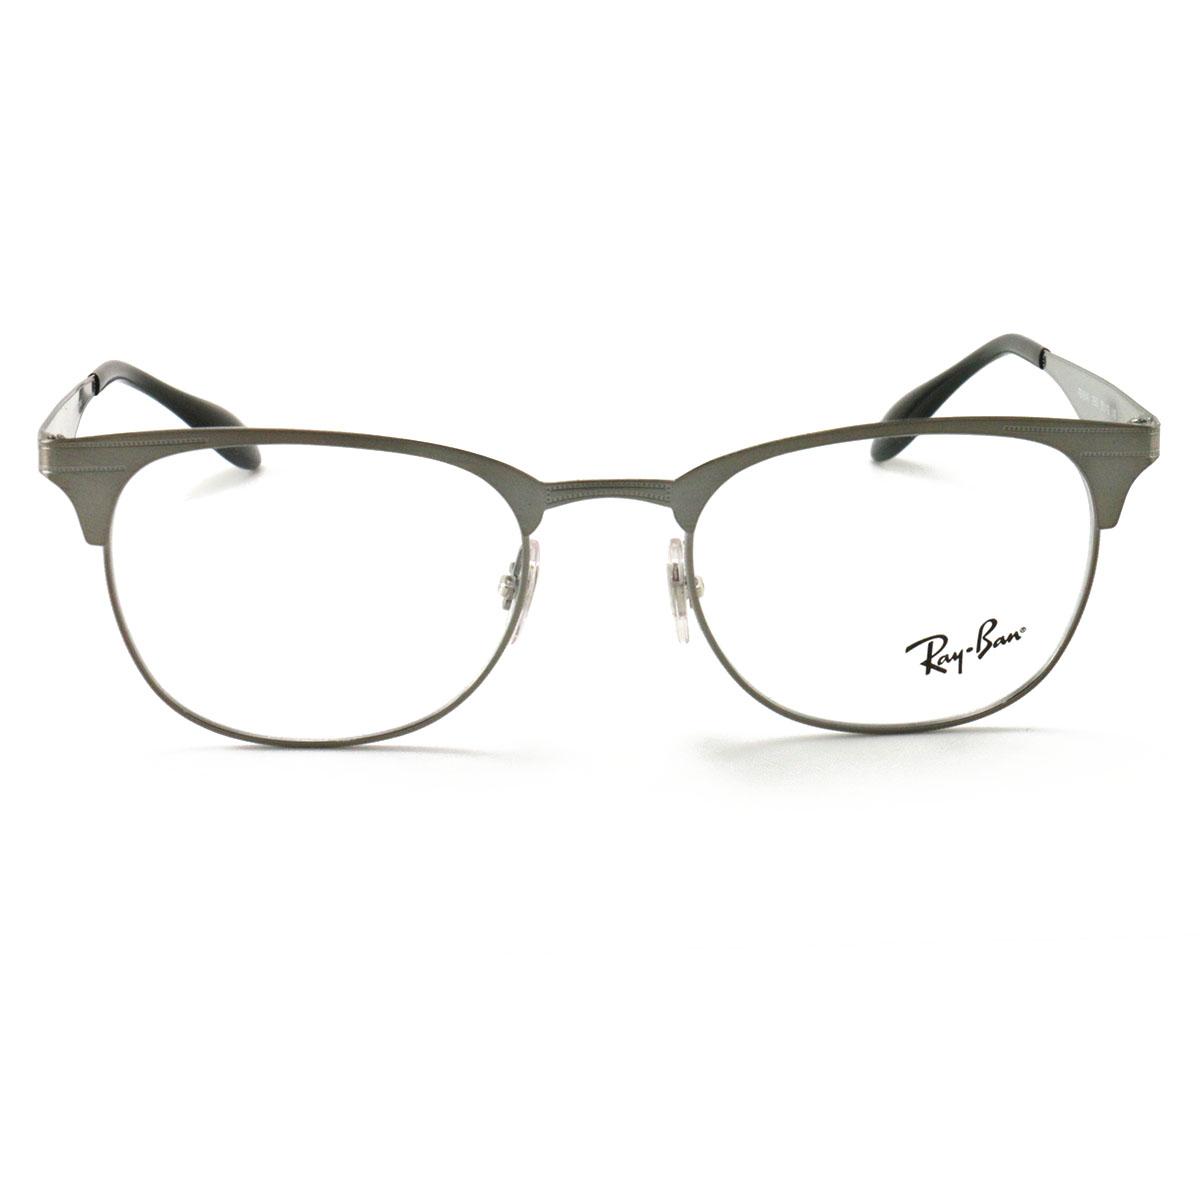 98491a4ffb Ray Ban Eyeglasses RX6346 2553 Silver 50 19 140 Demo Lens ...